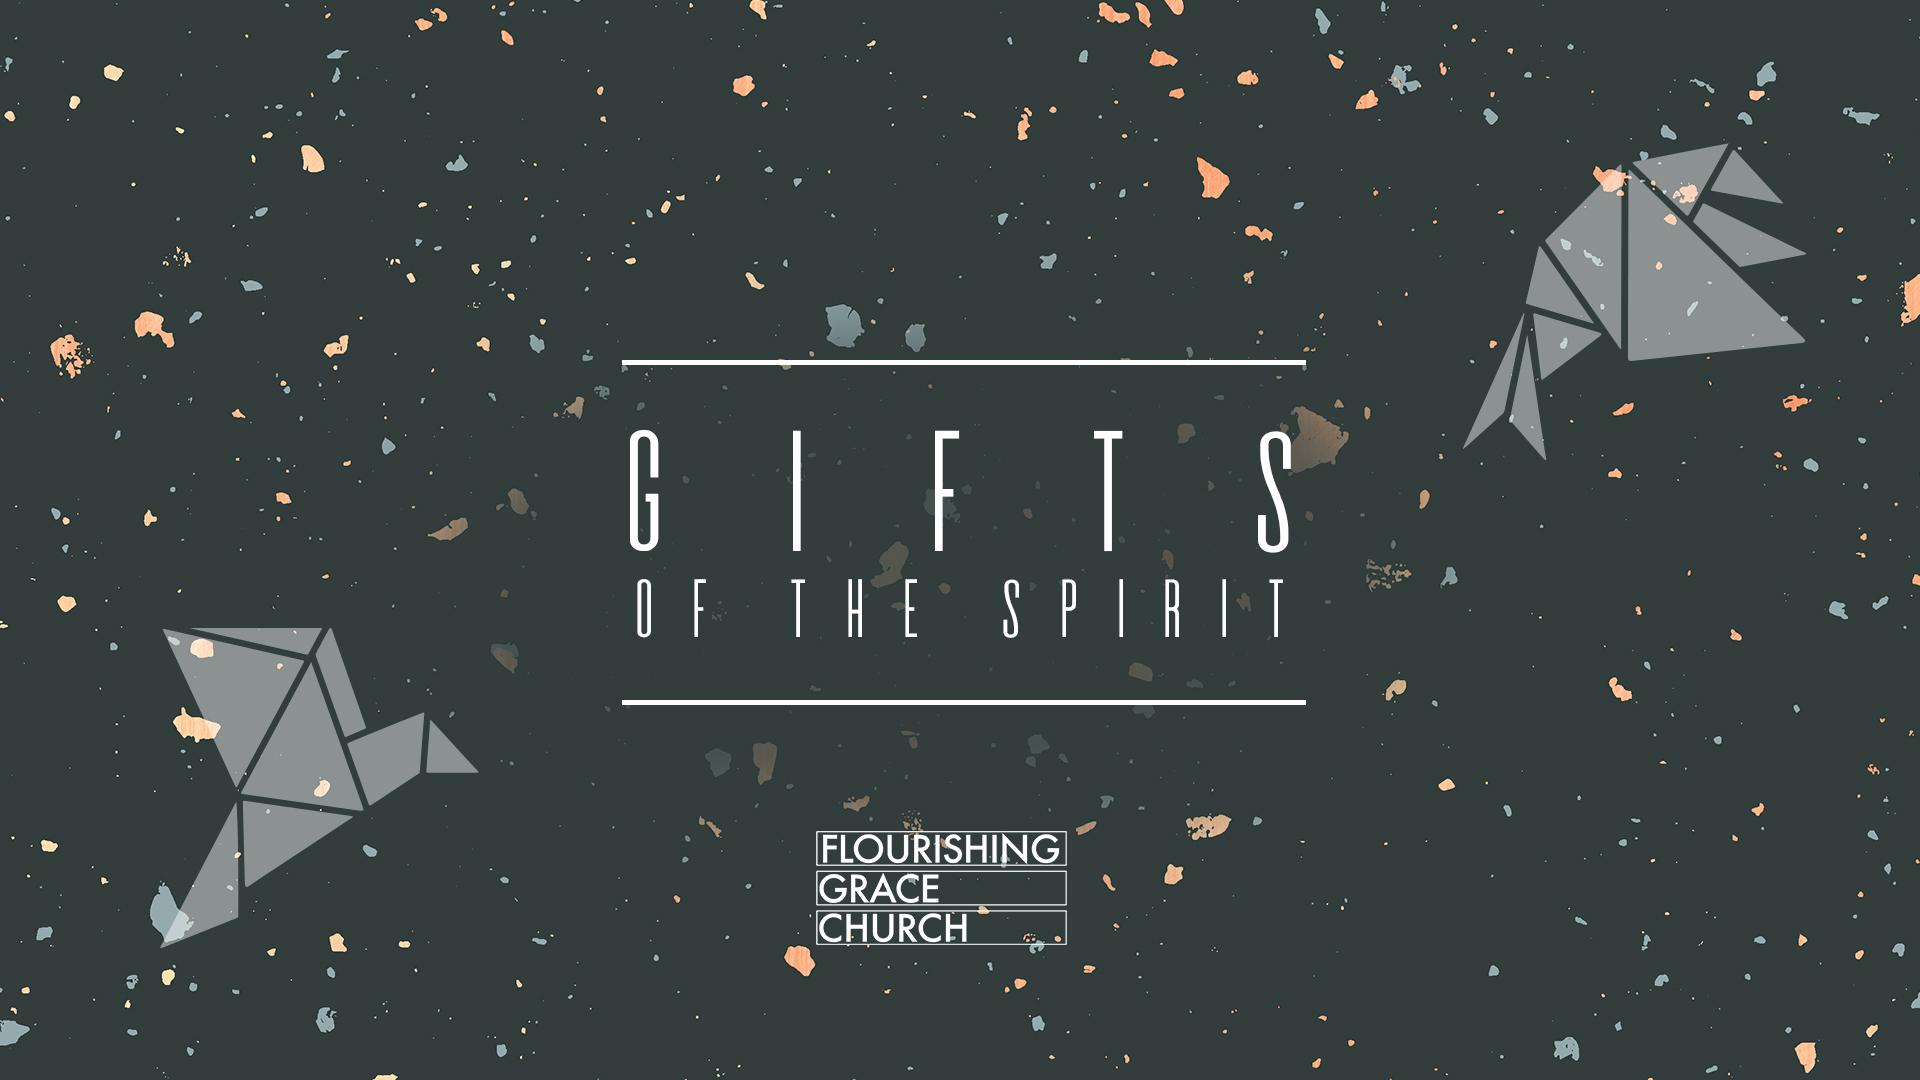 GiftsSpirt.jpg